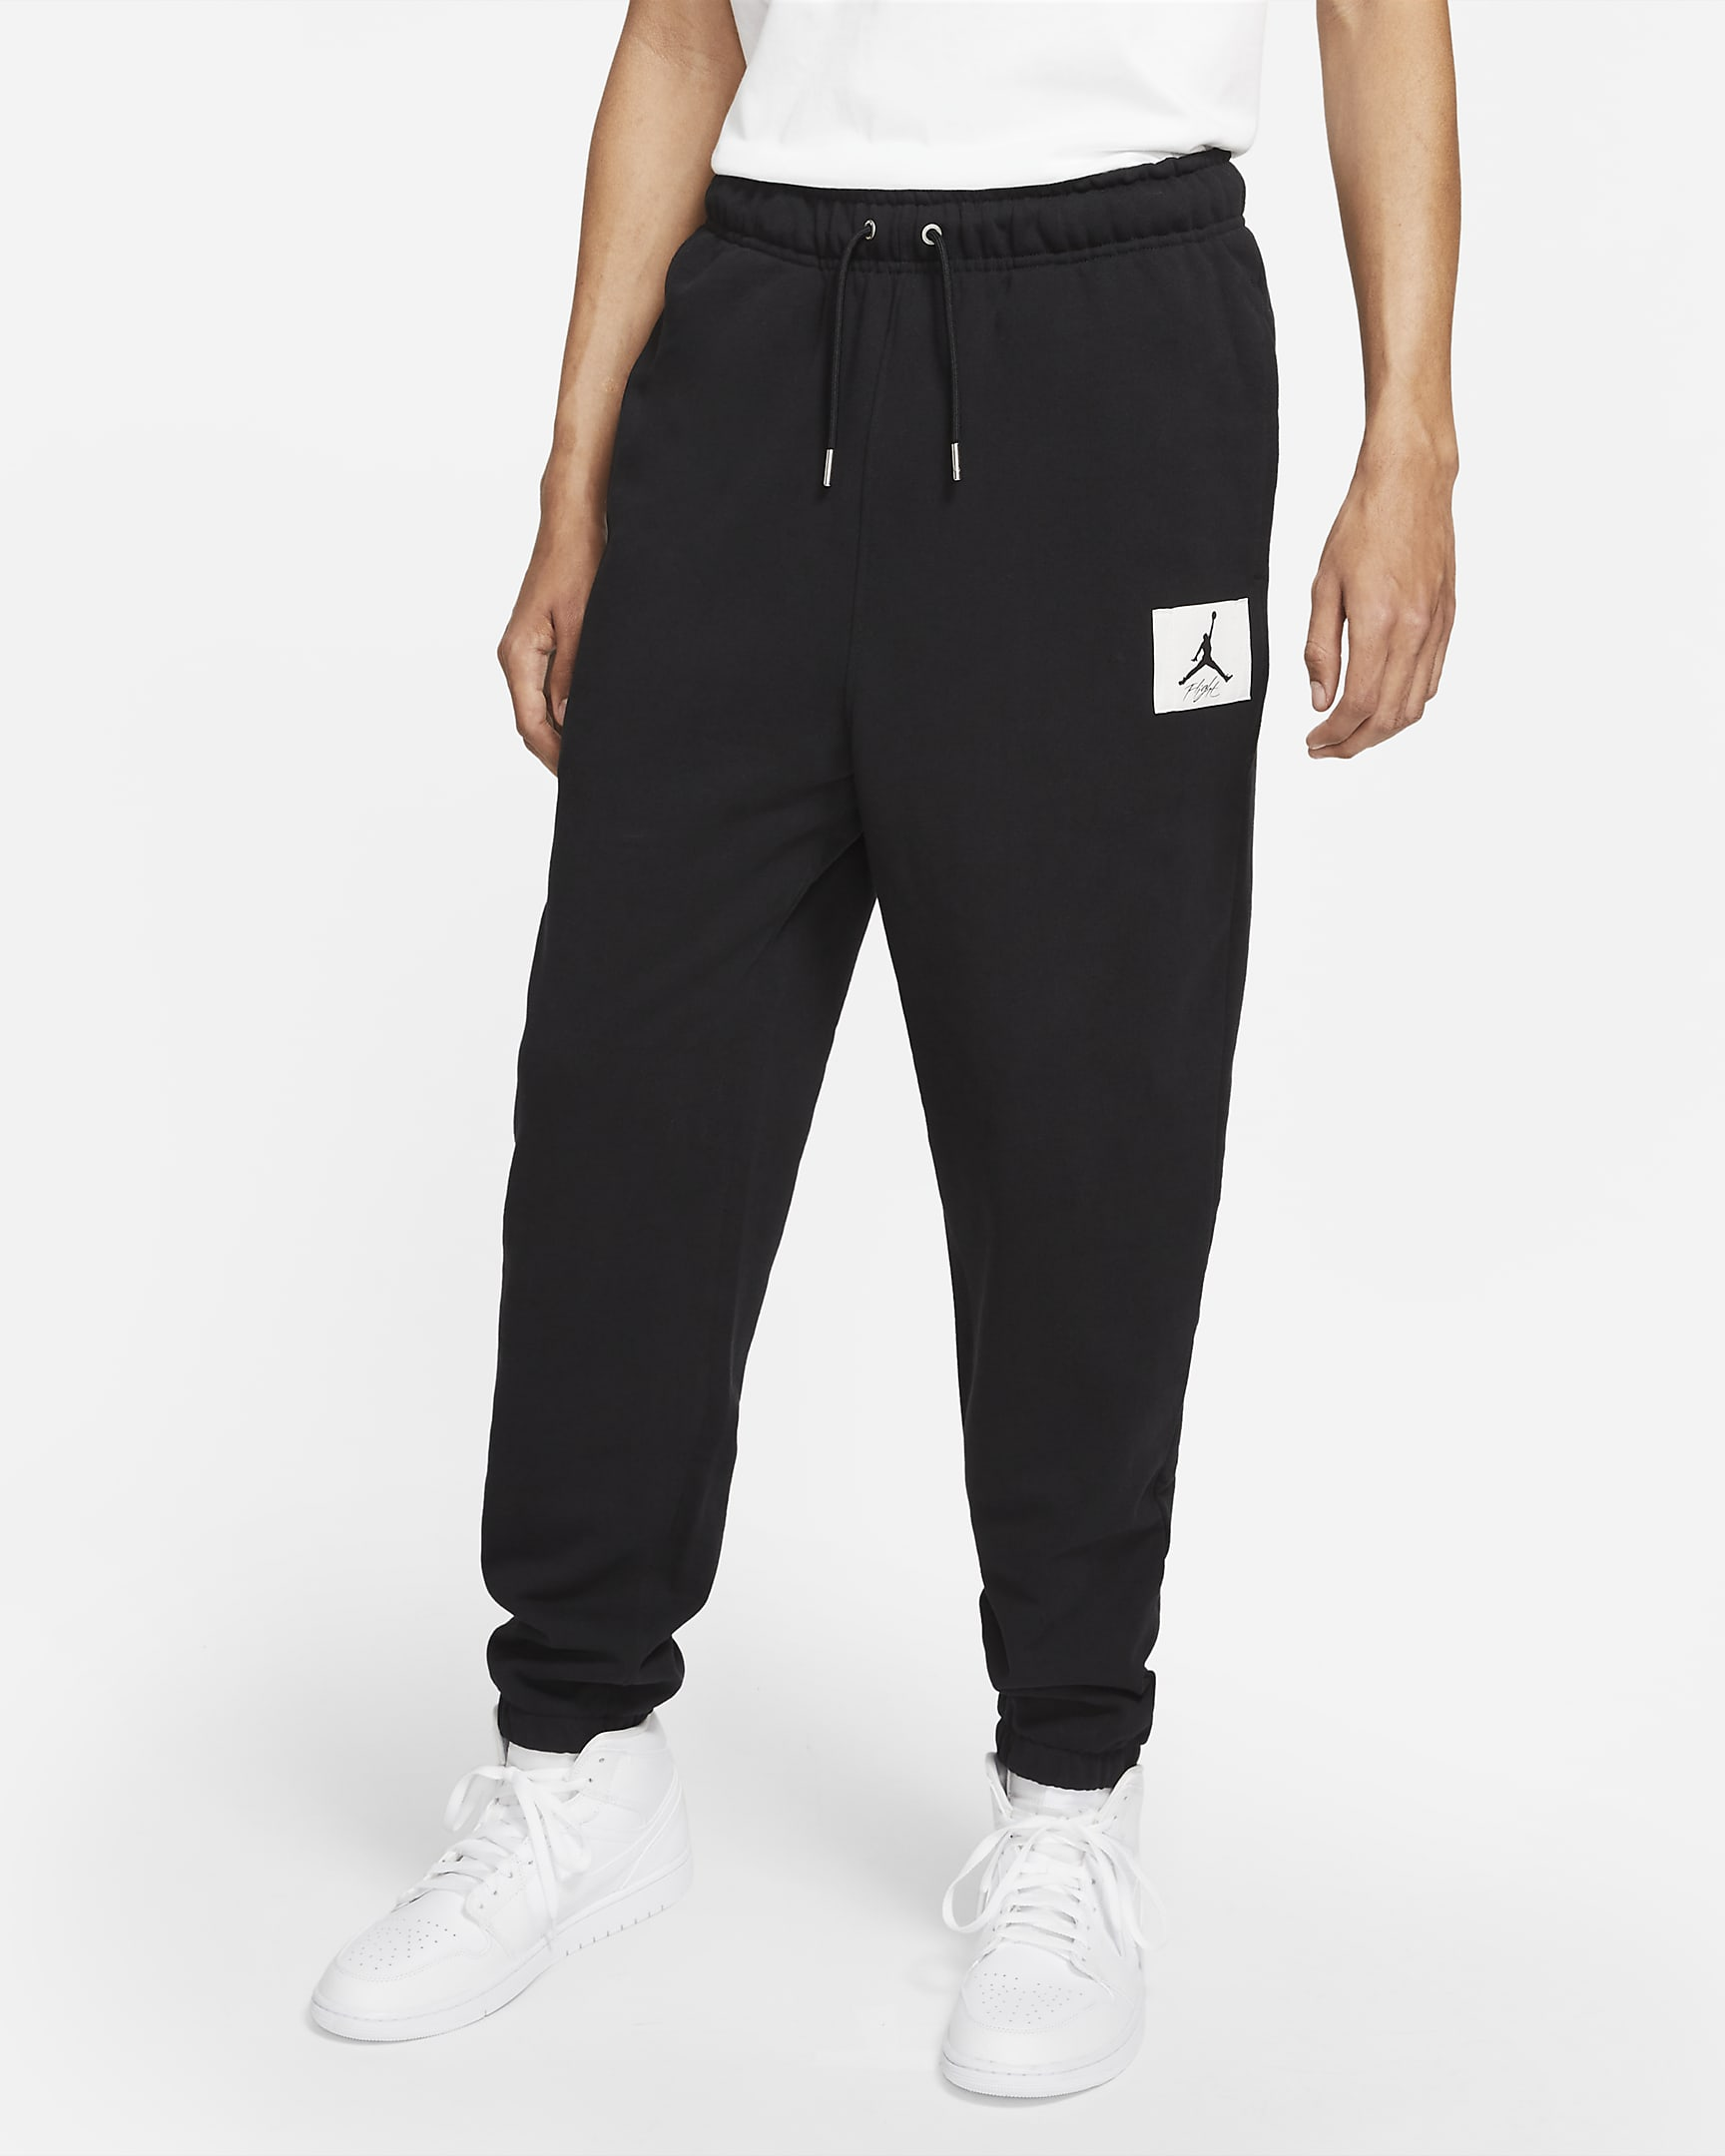 jordan-essentials-mens-statement-fleece-pants-92lNjM.png